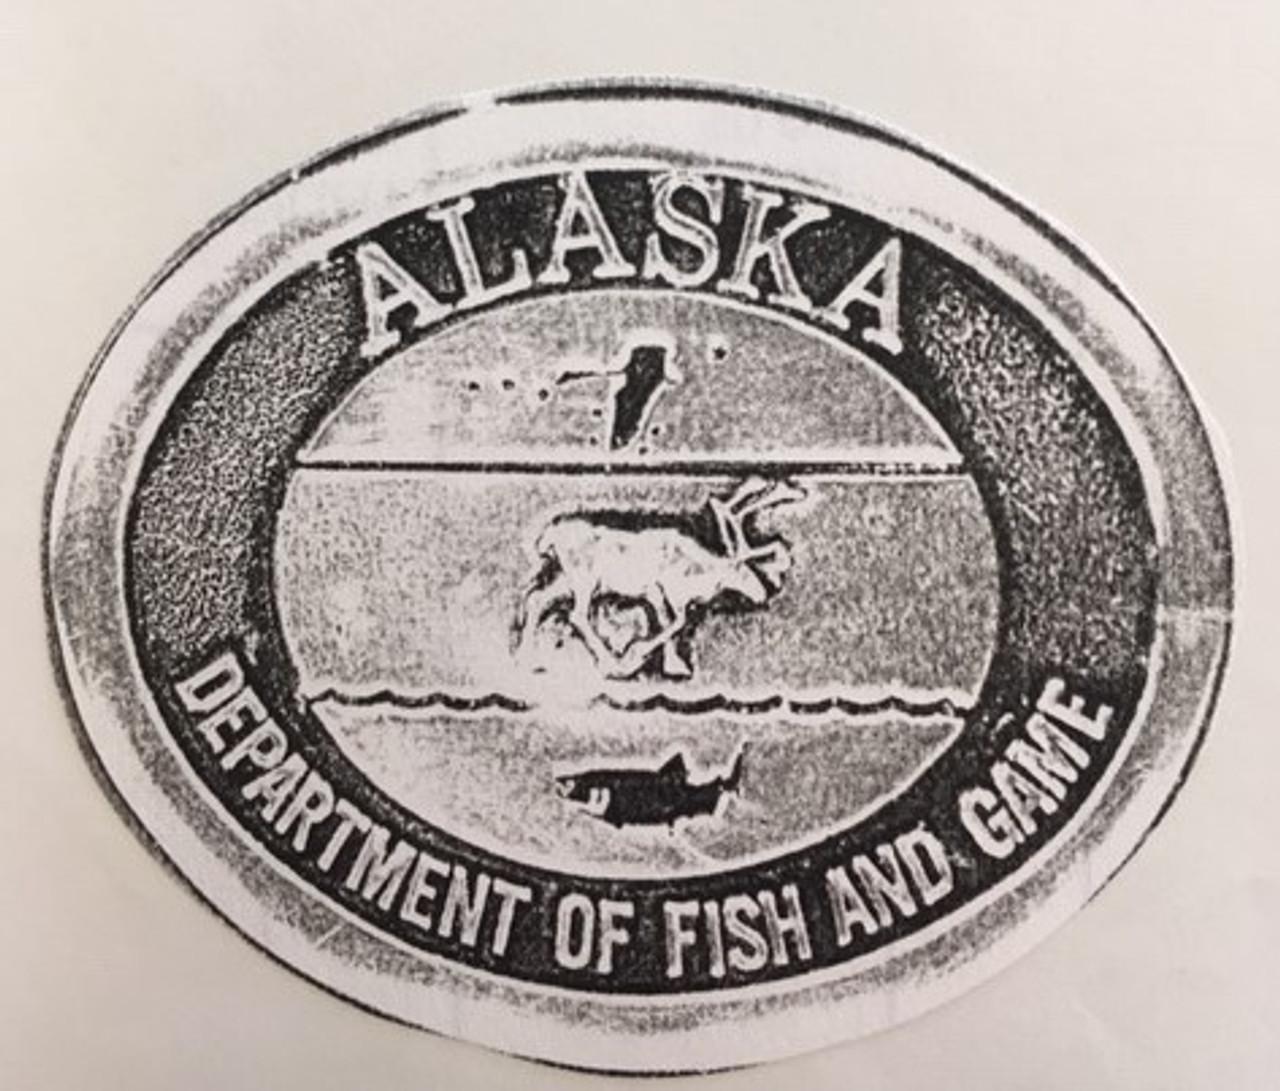 Alaska Department of Fish & Game Buckle